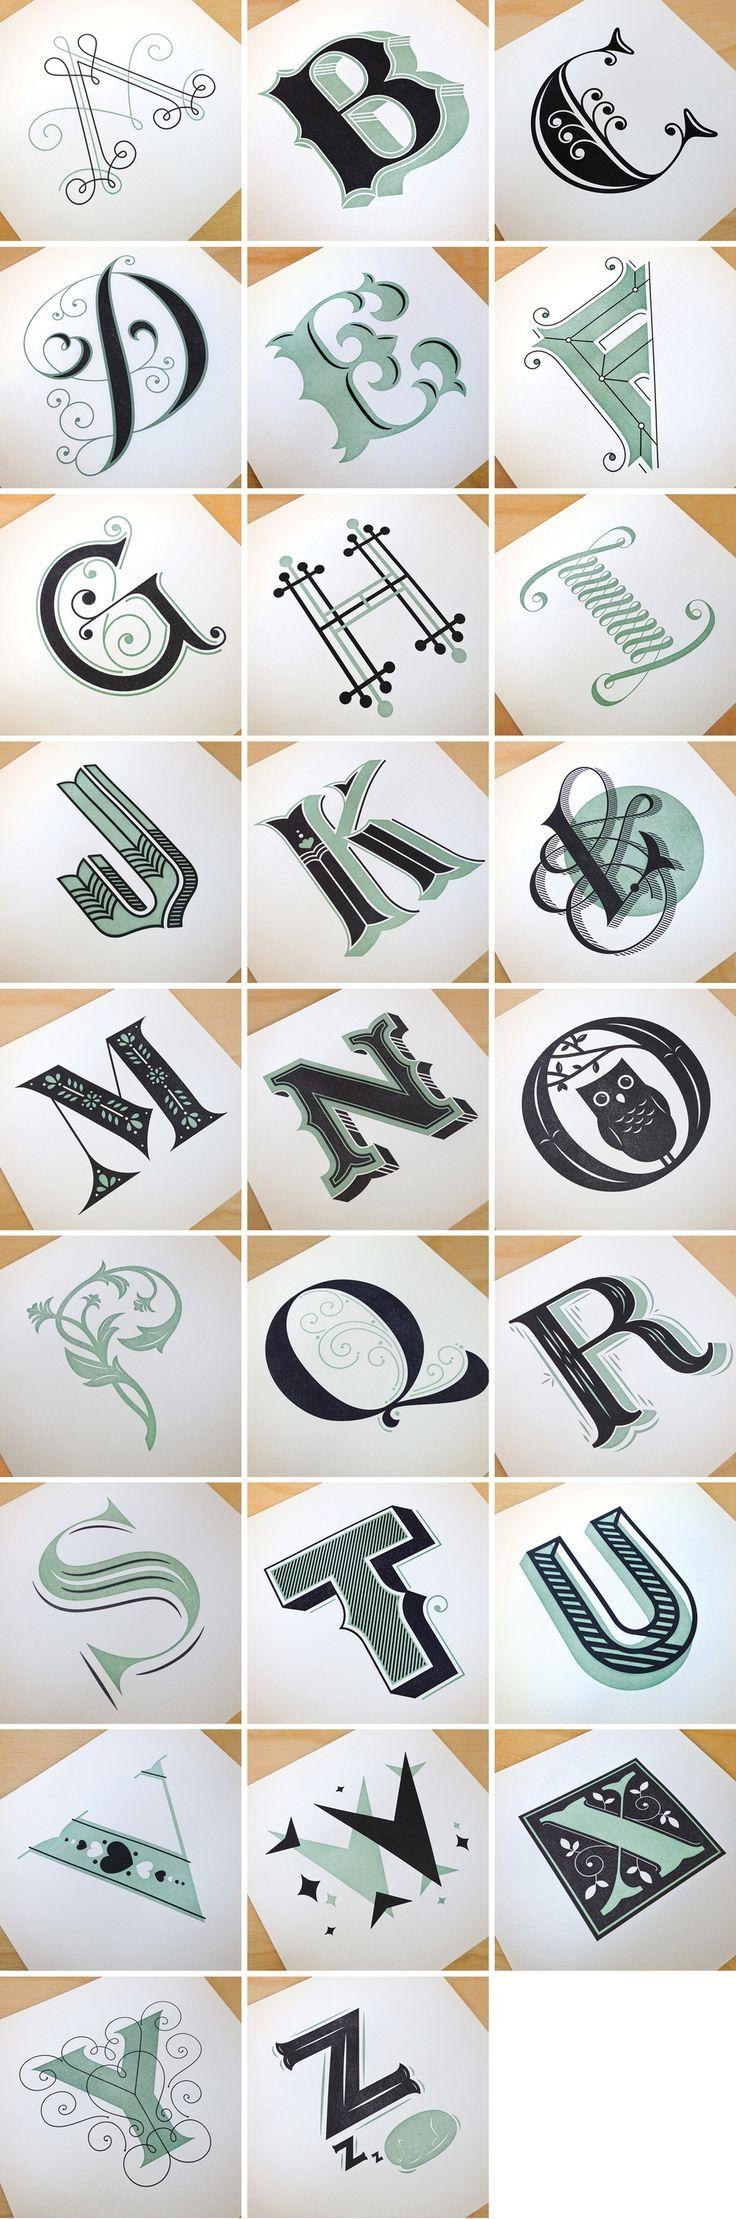 dessin, calligraphie, alphabet, différents styles, design, .... Image of Drop Cap Letterpress Prints